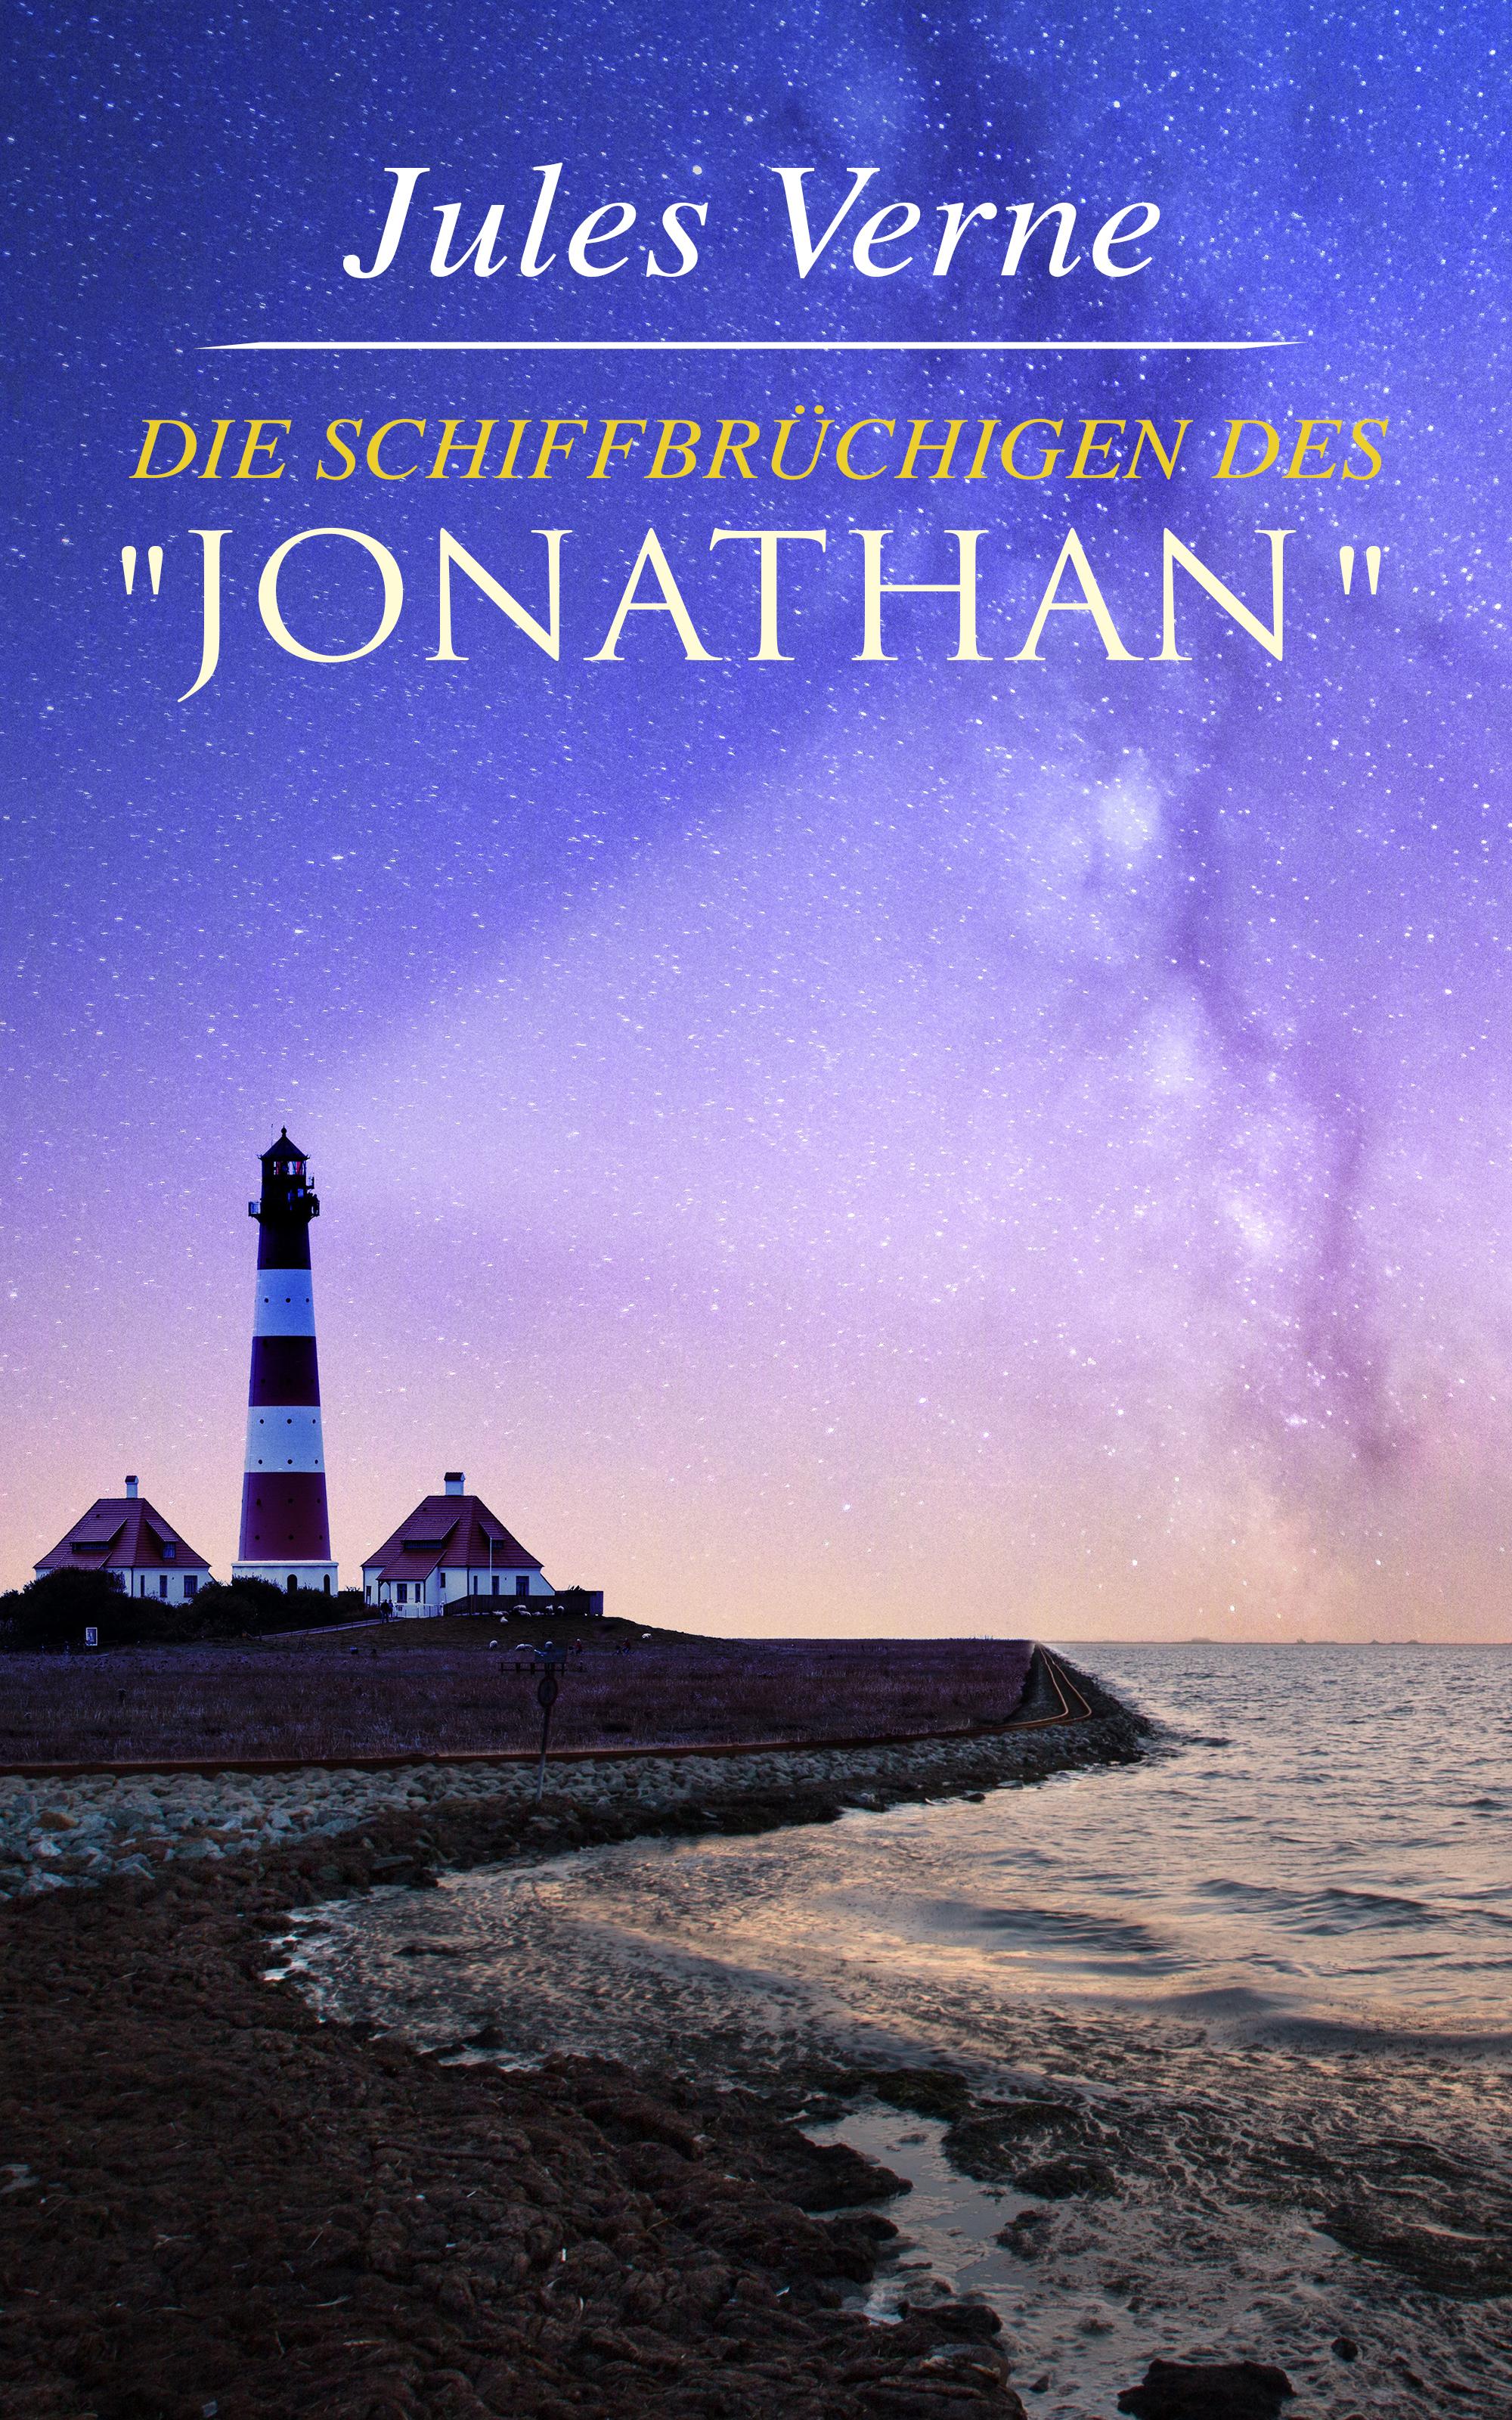 die schiffbruchigen des jonathan